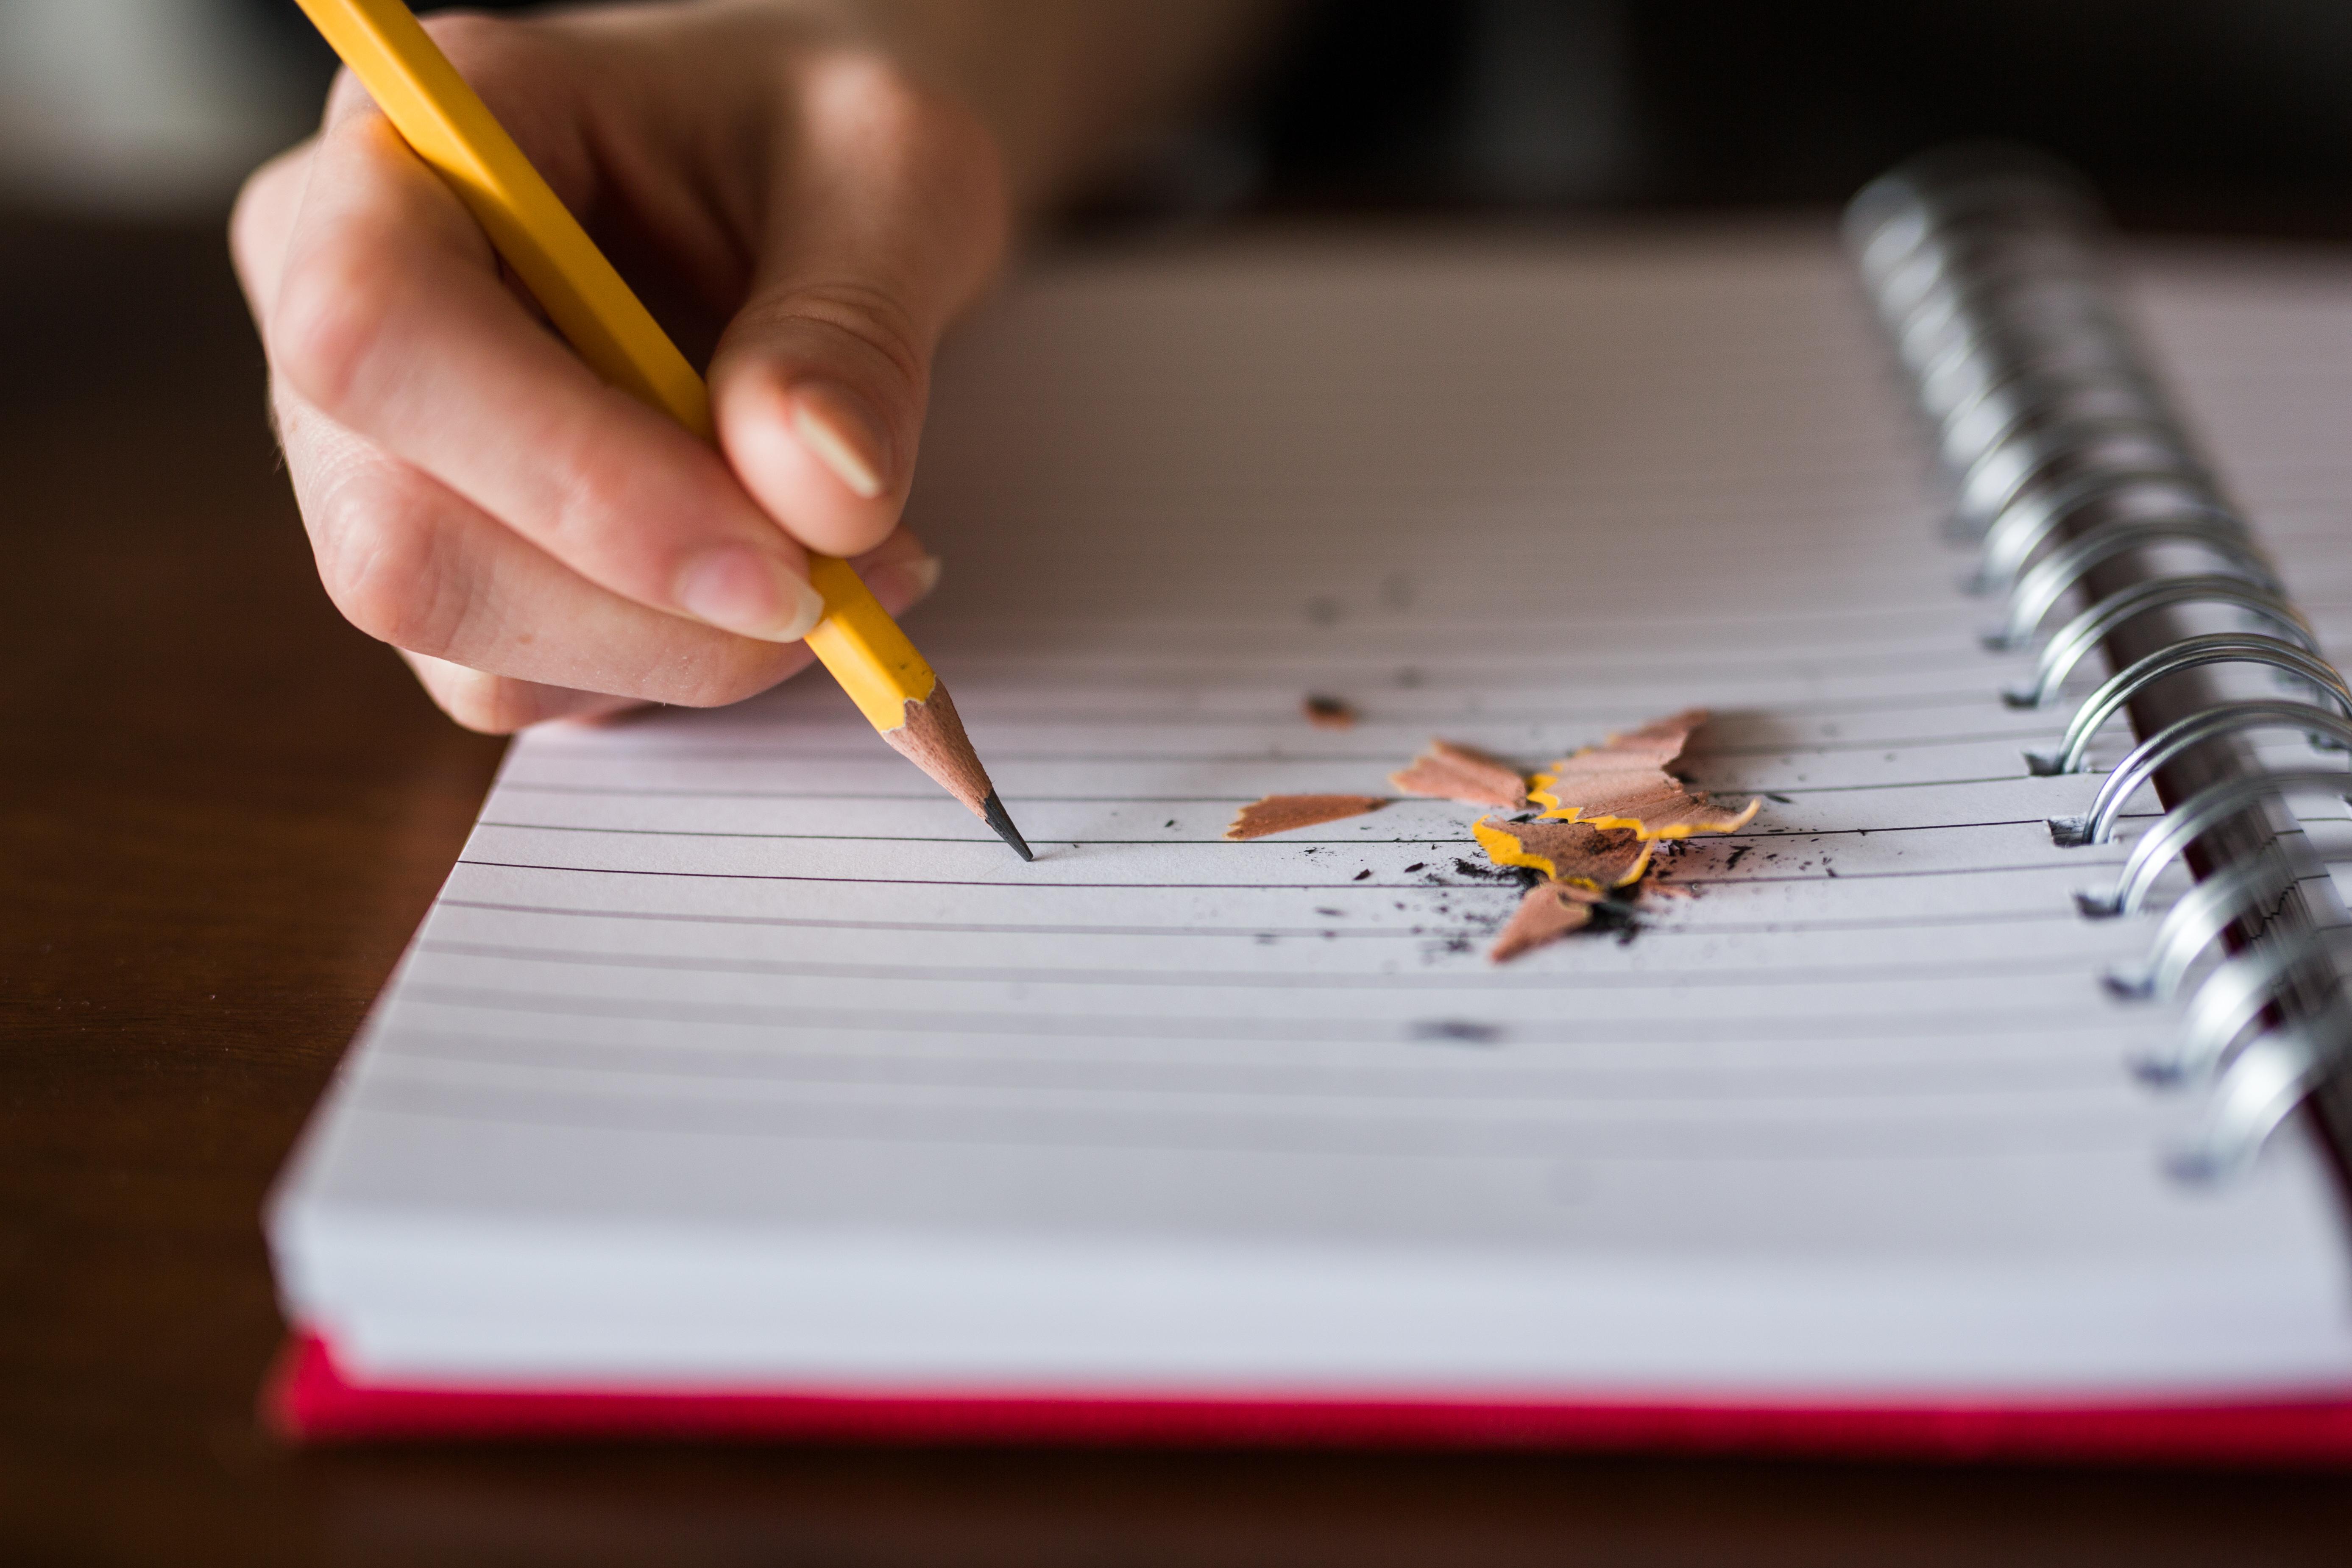 文字を書くことの重要性